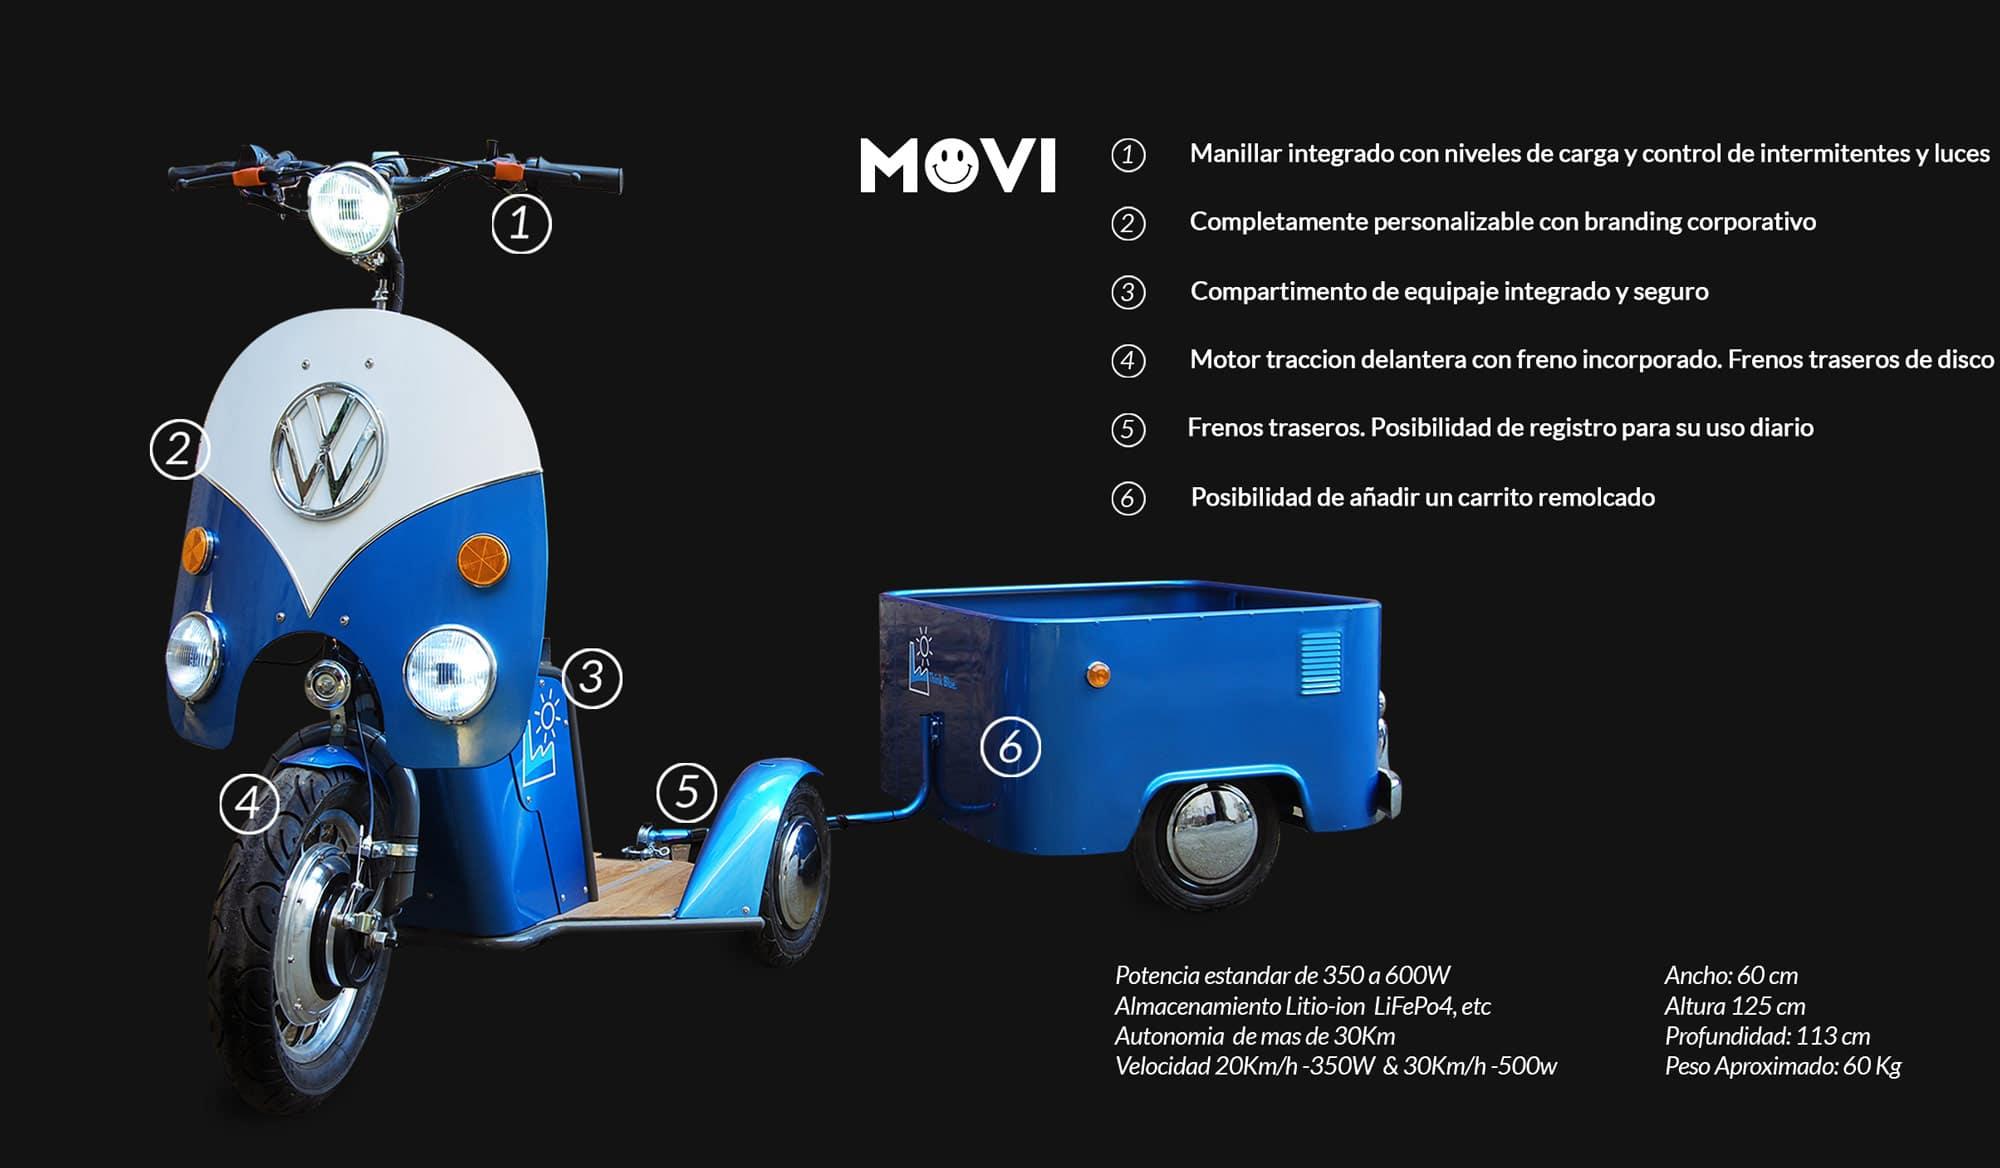 MOVI TRICICLO ELECTRIC ESPECIFICACIONES TECNICAS